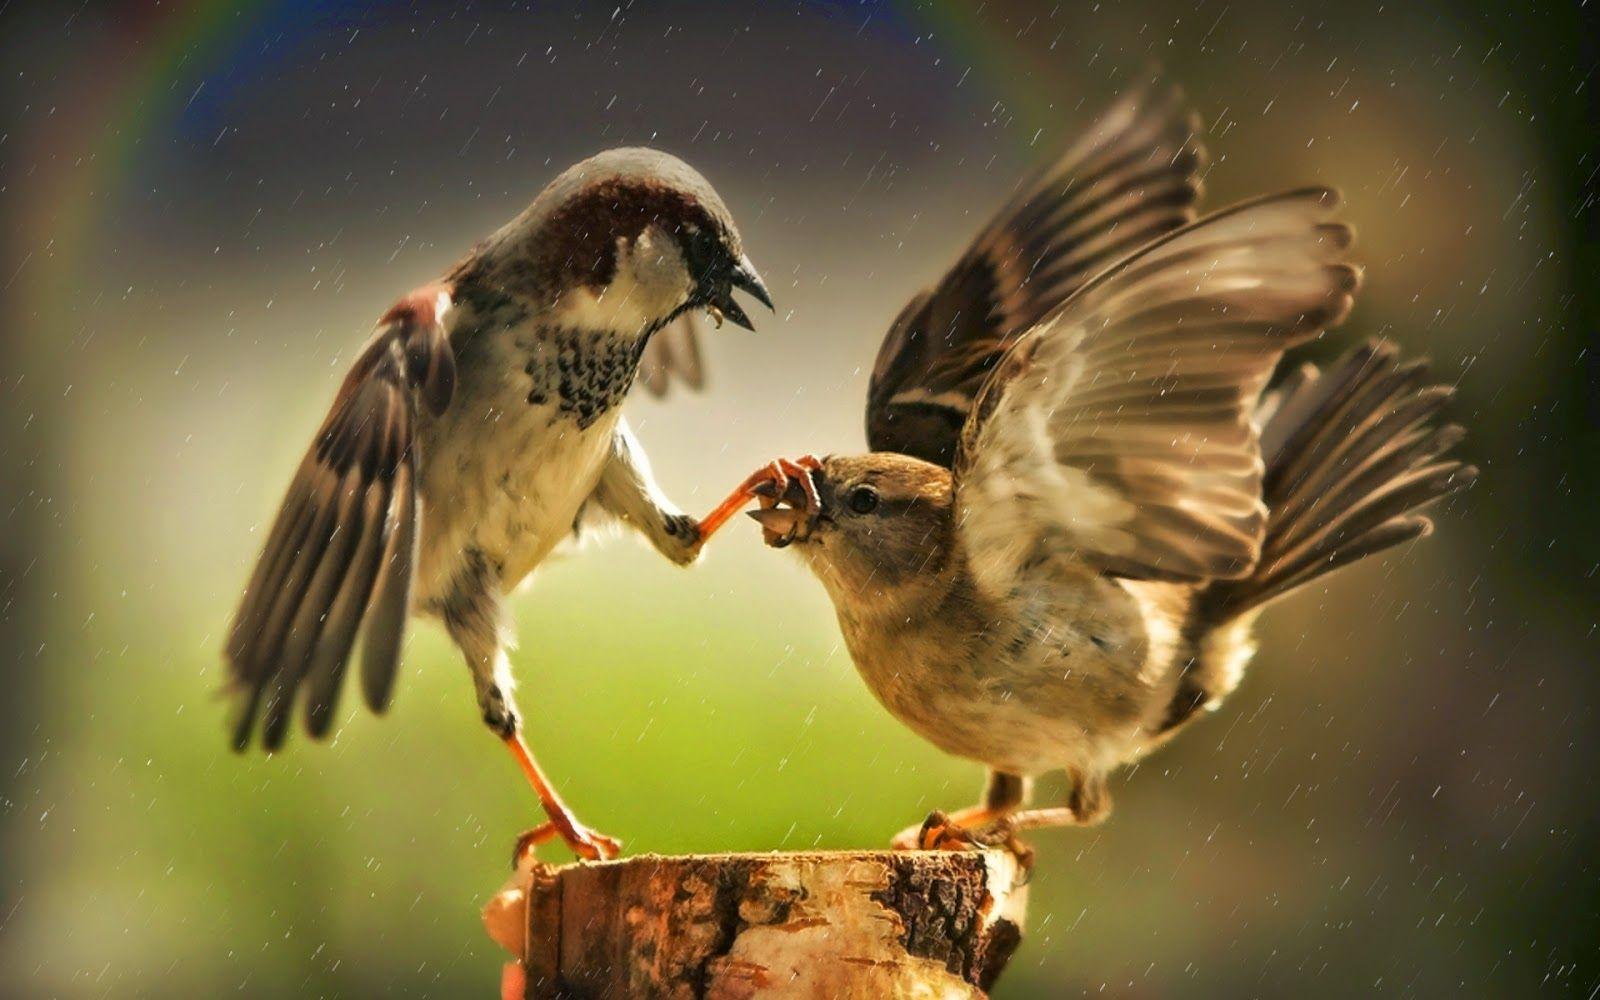 خلفيات طبيعية عالية الجودة 4k Ultra Hd Tecnologis Pet Birds Funny Birds Birds Wallpaper Hd